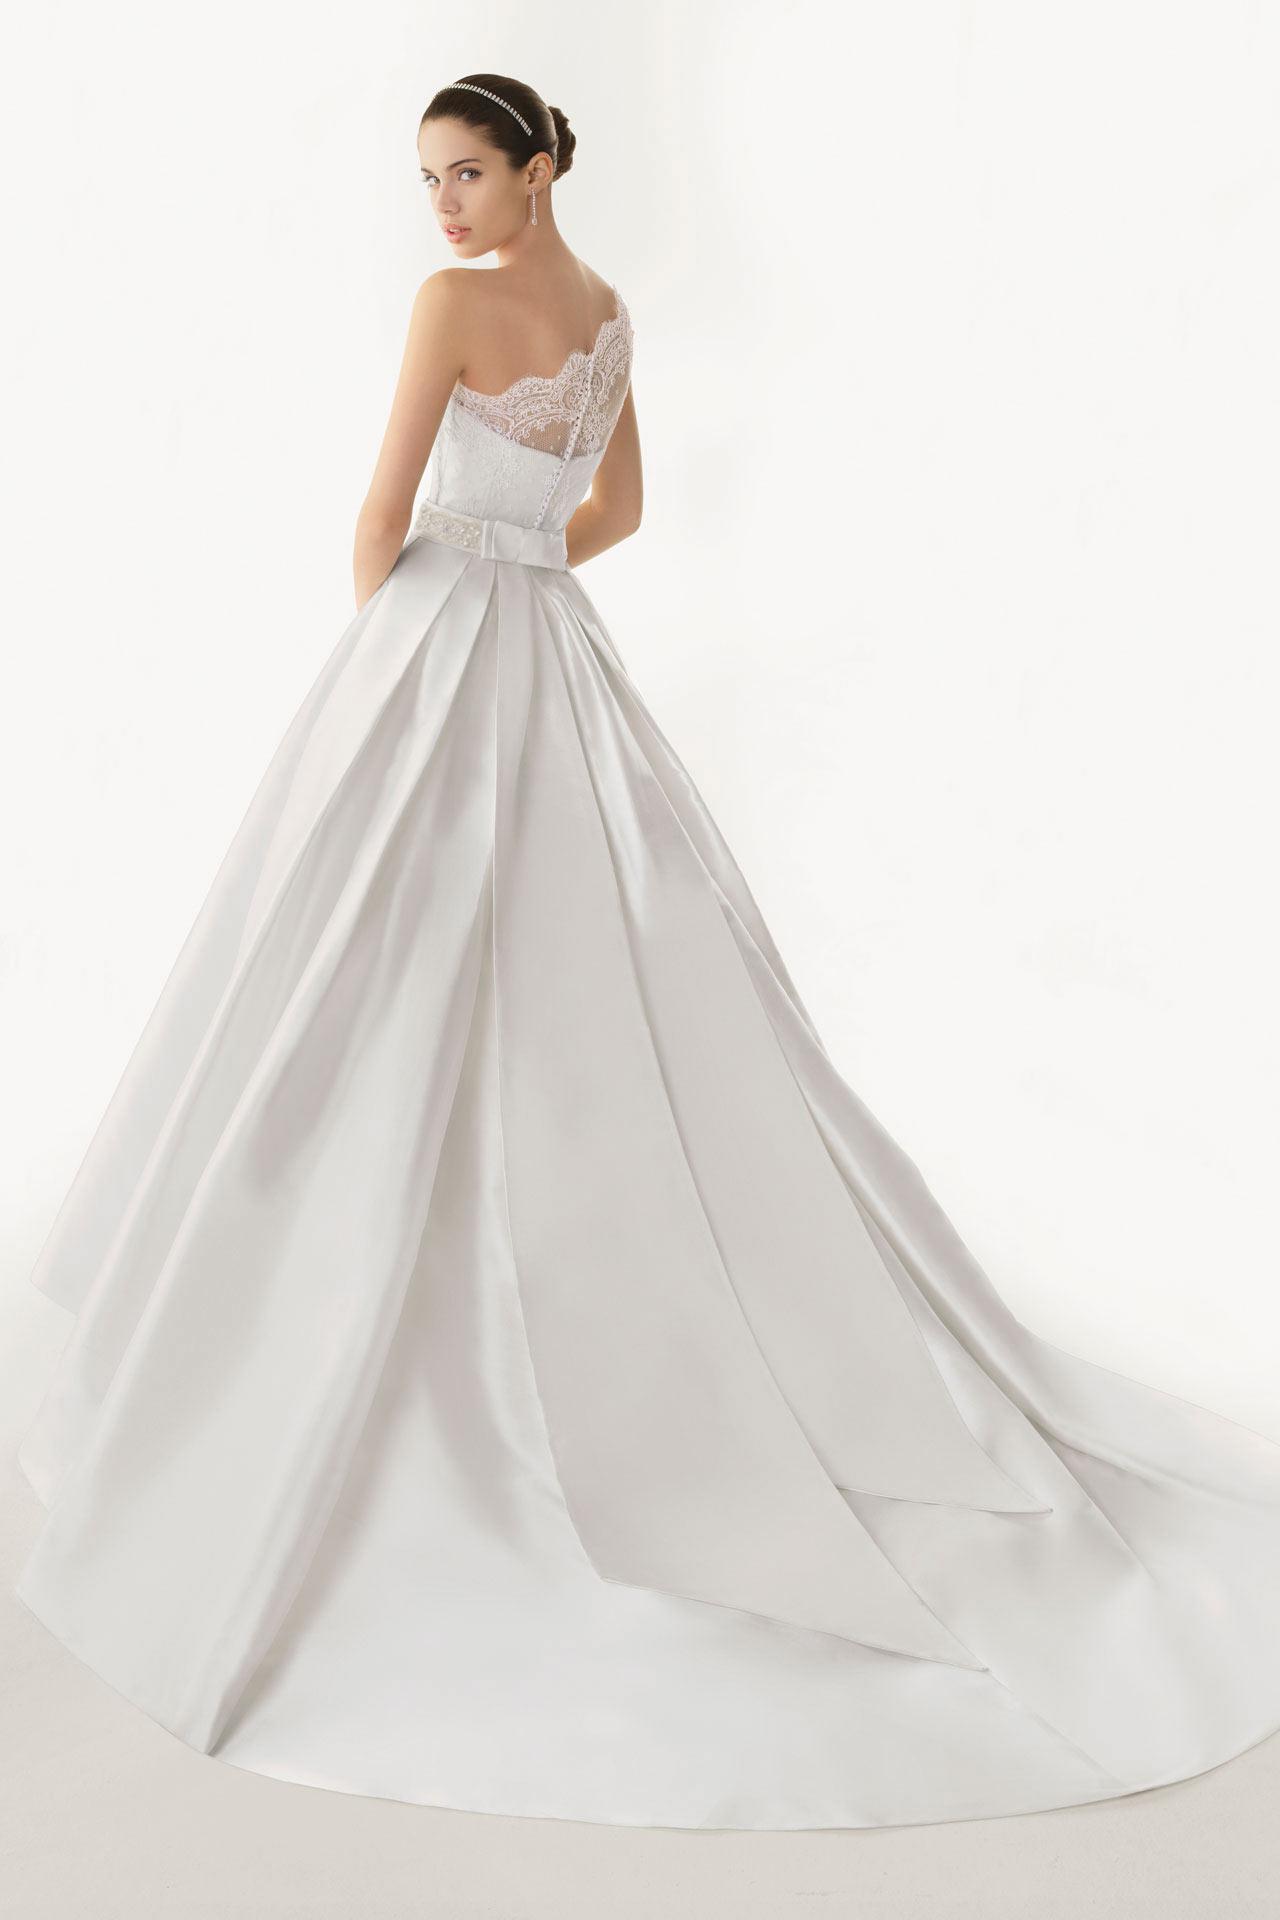 Magnifique robe blanche pour mariage classique ornée de dentelle exquise